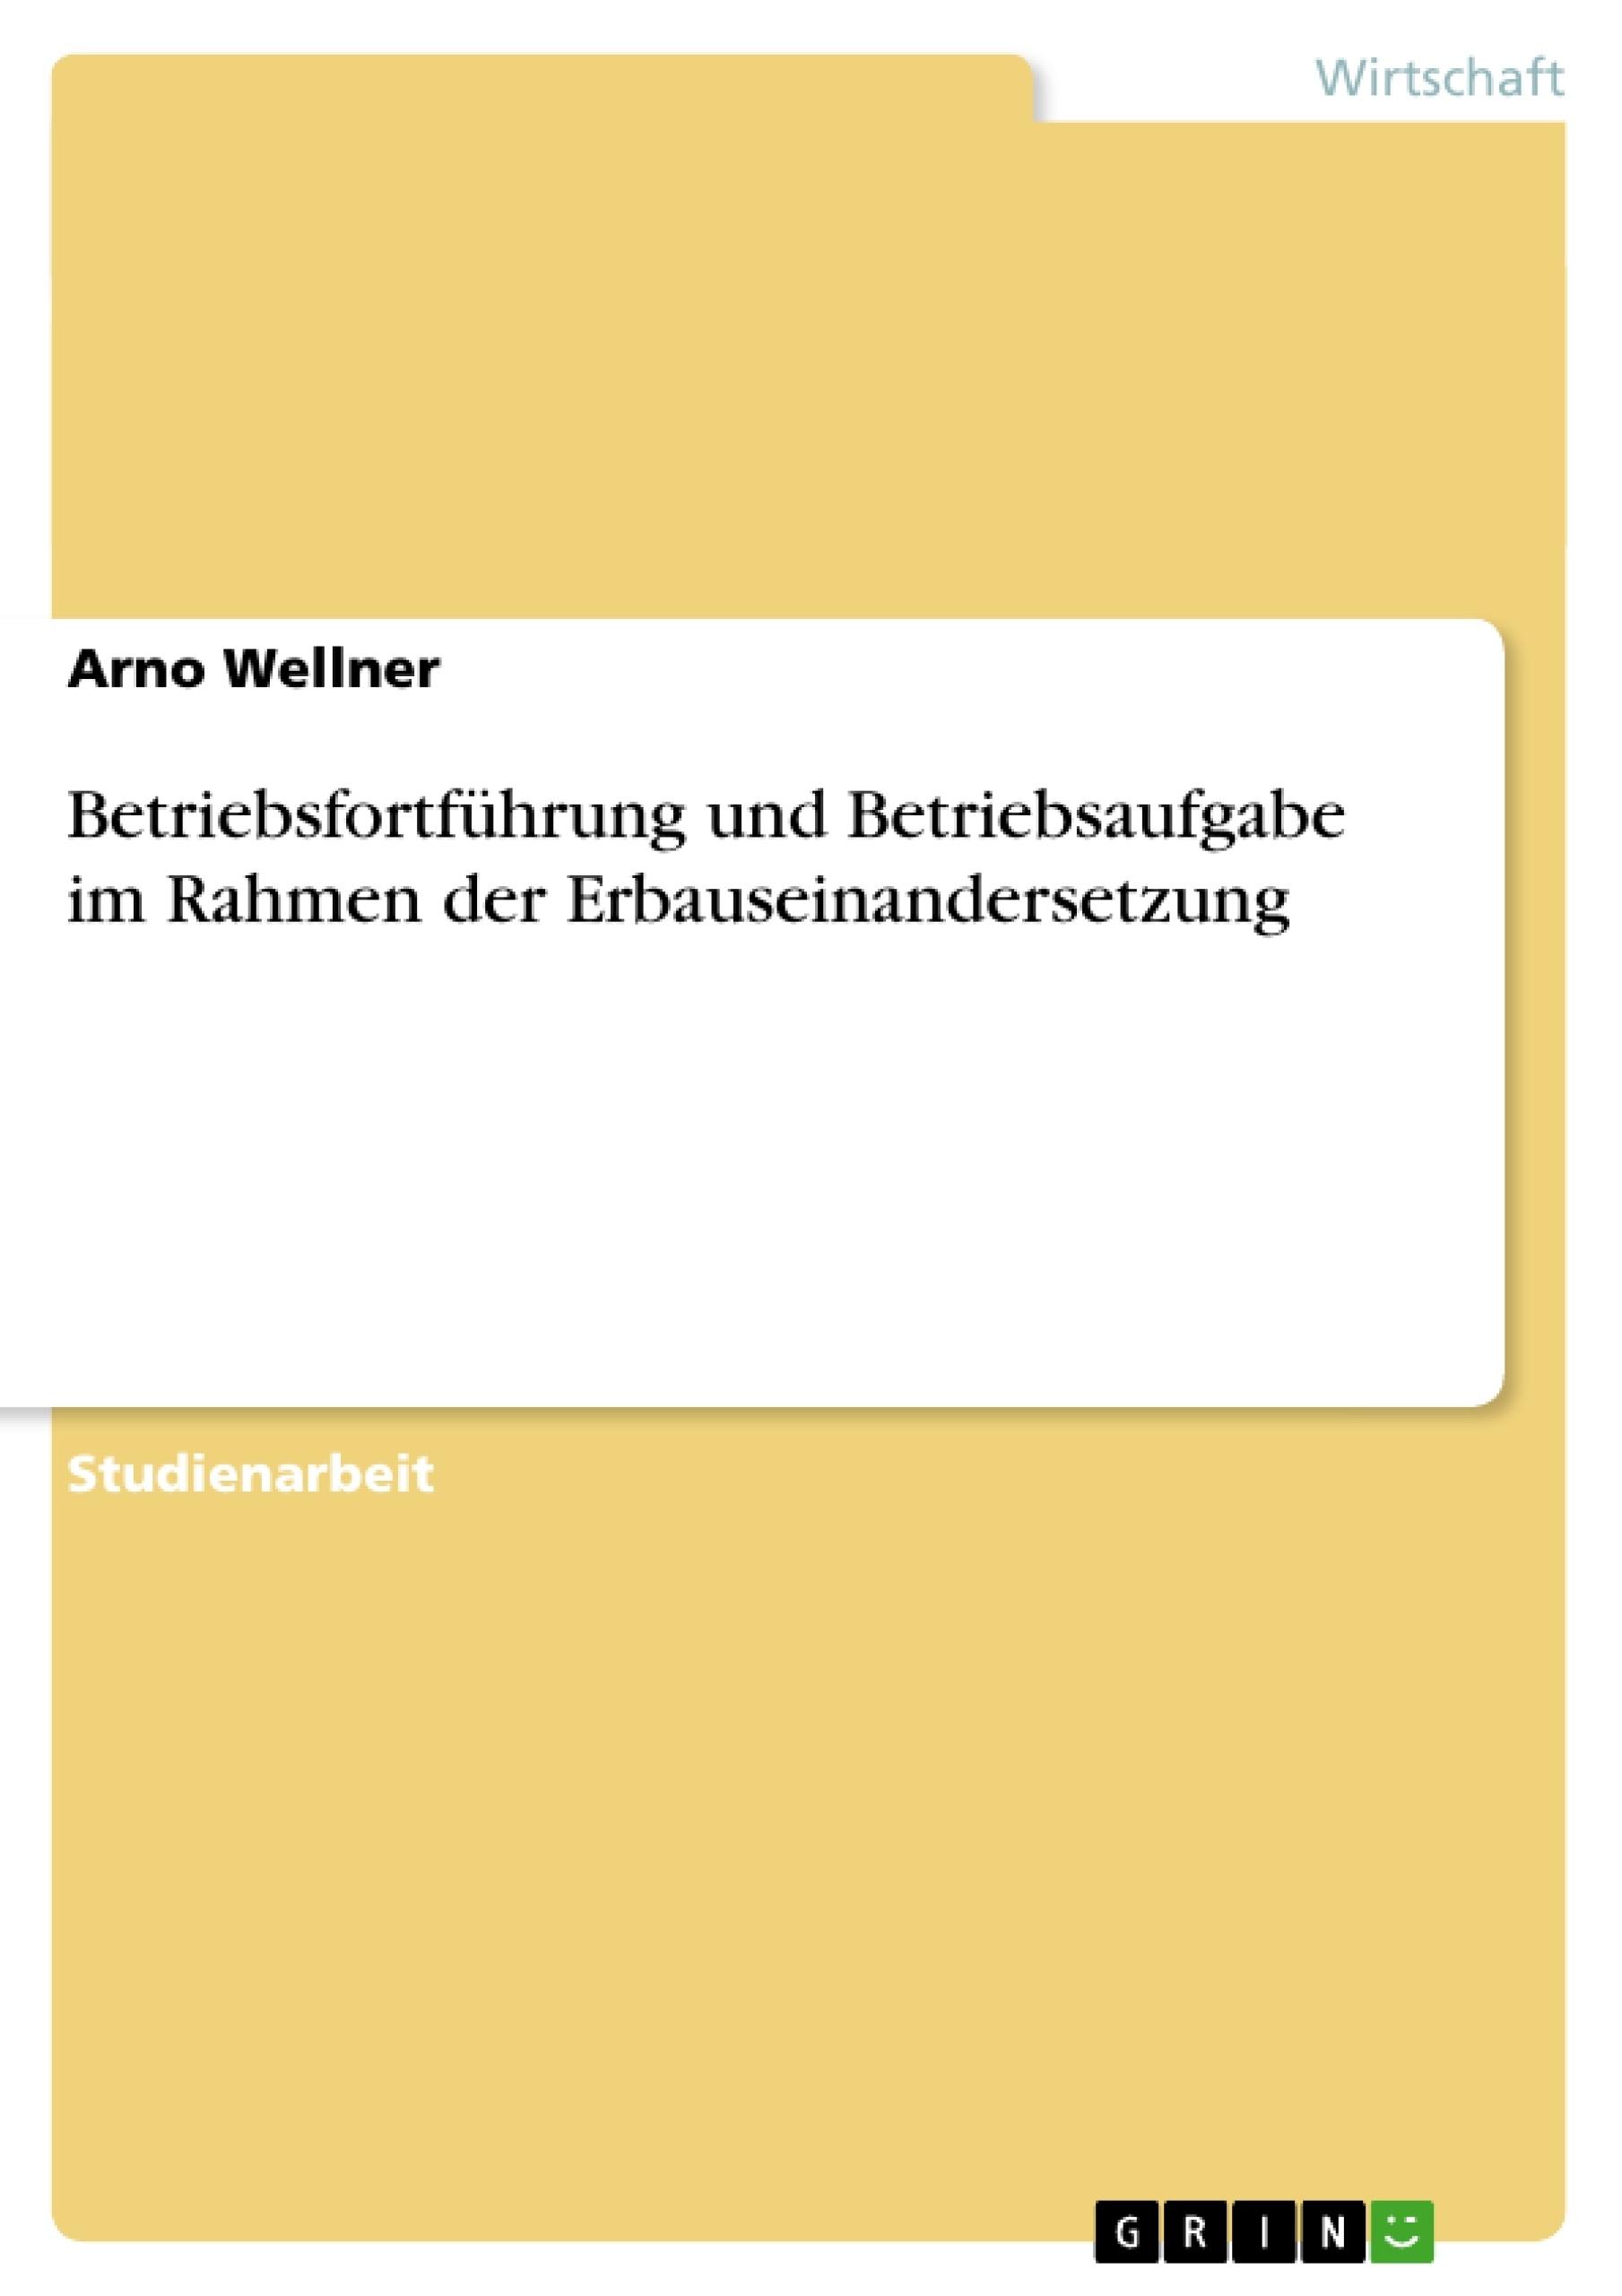 Titel: Betriebsfortführung und Betriebsaufgabe im Rahmen der Erbauseinandersetzung